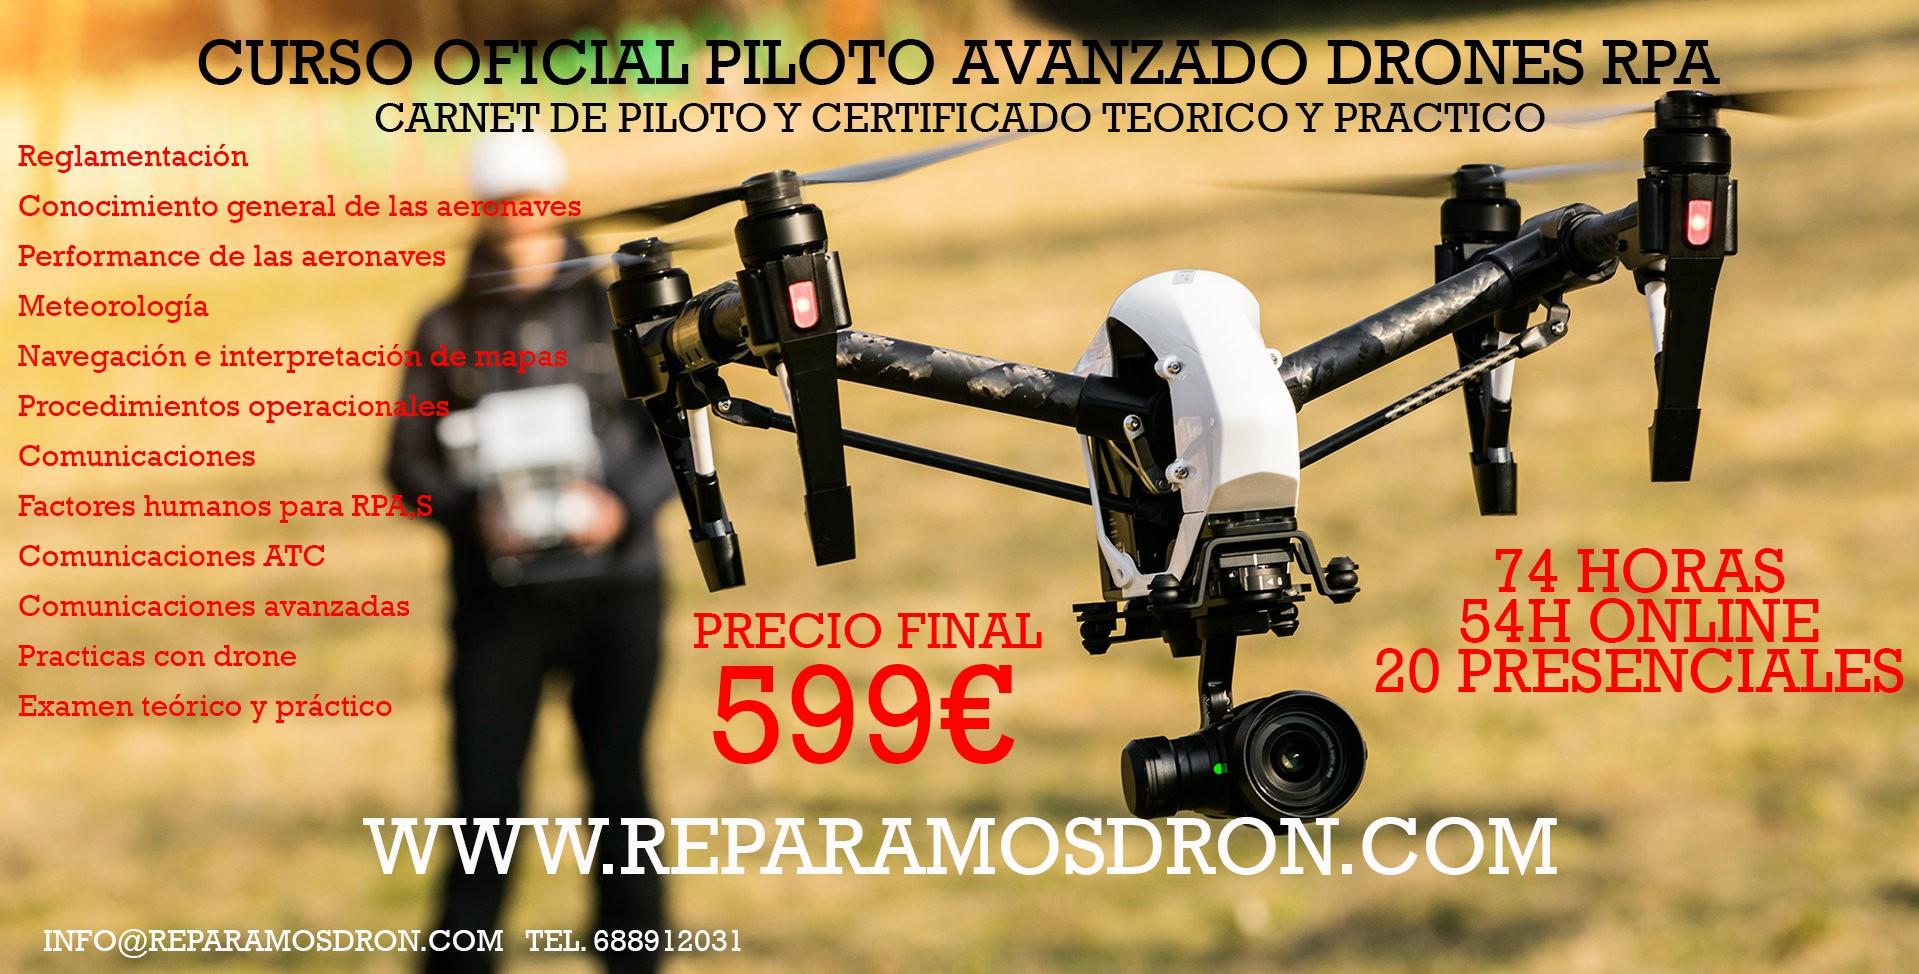 CURSO PILOTO AVANZADO DE RPAS (DRONES) BARCELONA